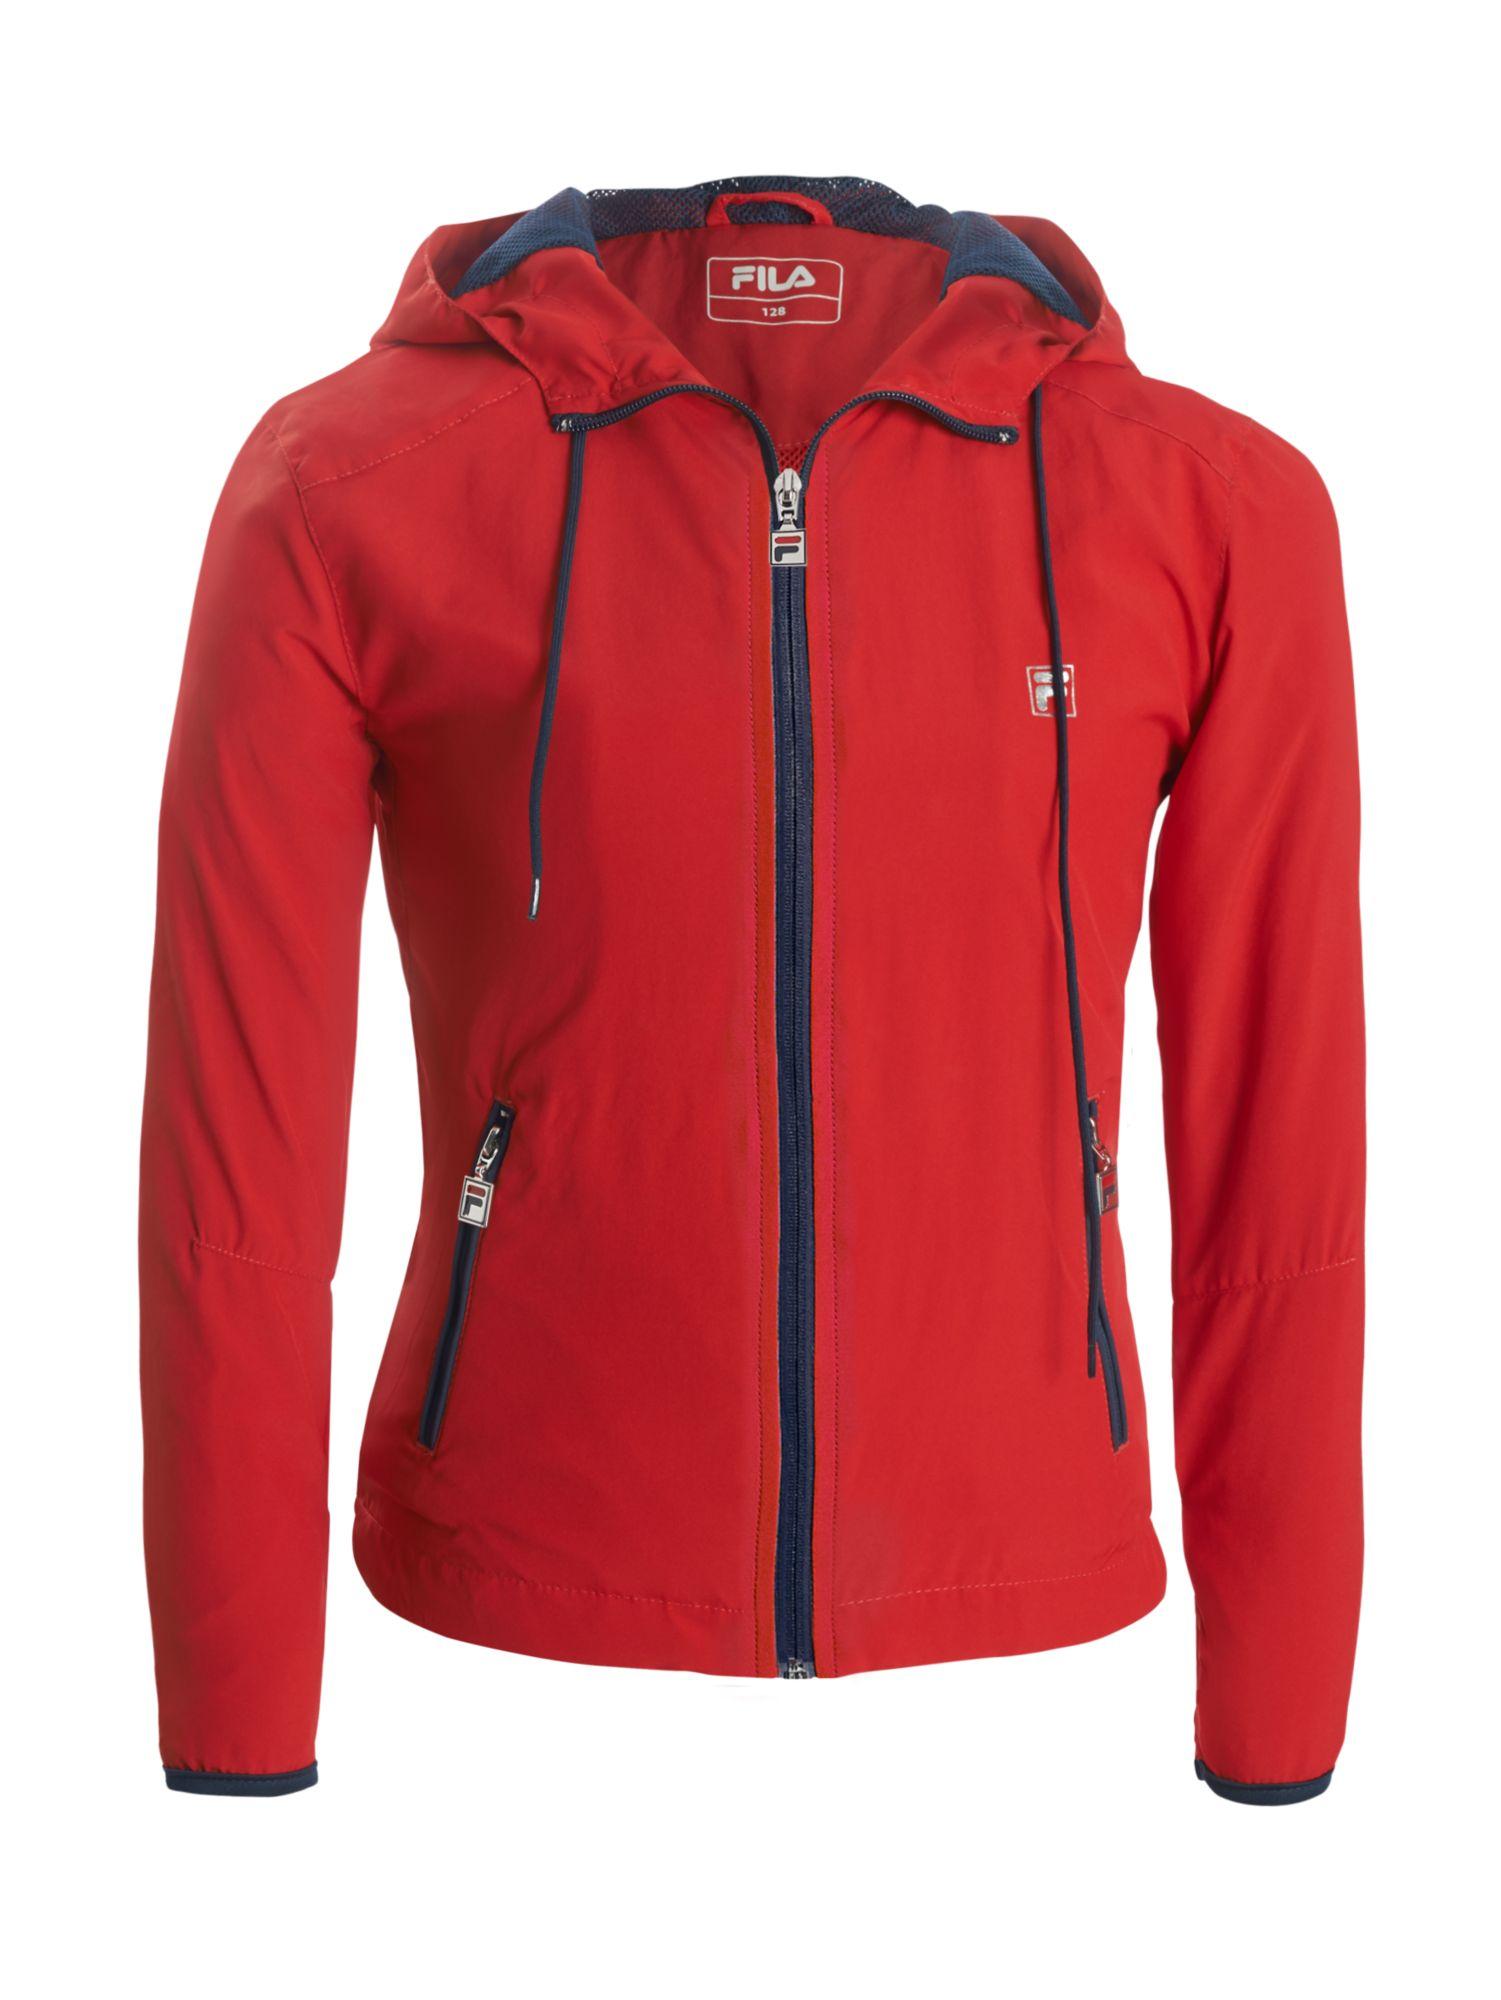 Artikel klicken und genauer betrachten! - Mädchen Trainingsjacke mit Kapuze und Kordelzug Mädchen rot durchgängiger Zip Kapuze mit Kordelzug 100% Polyester | im Online Shop kaufen